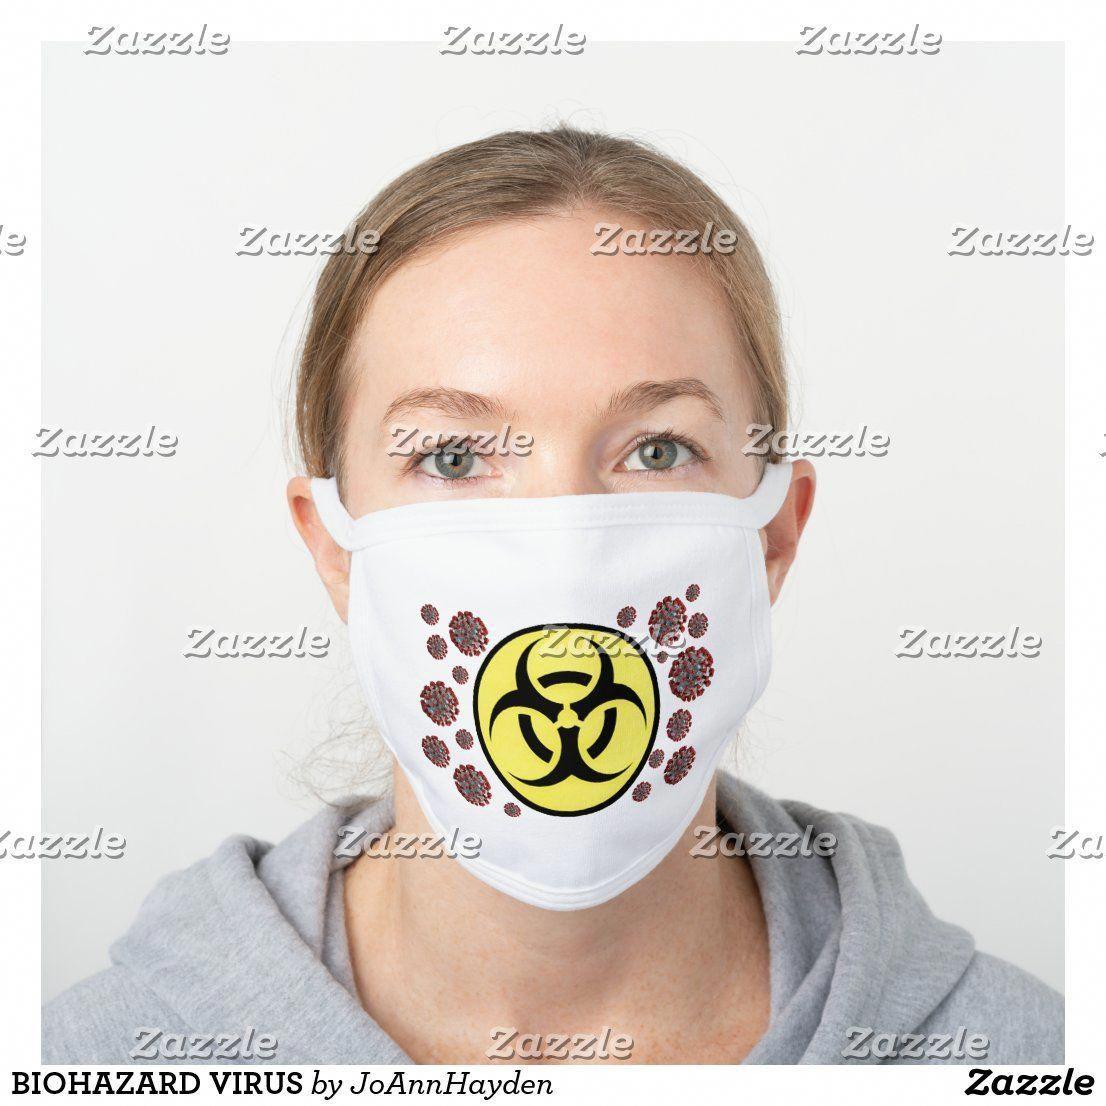 n95 face mask inventor in 2020 Diy face mask, Face mask